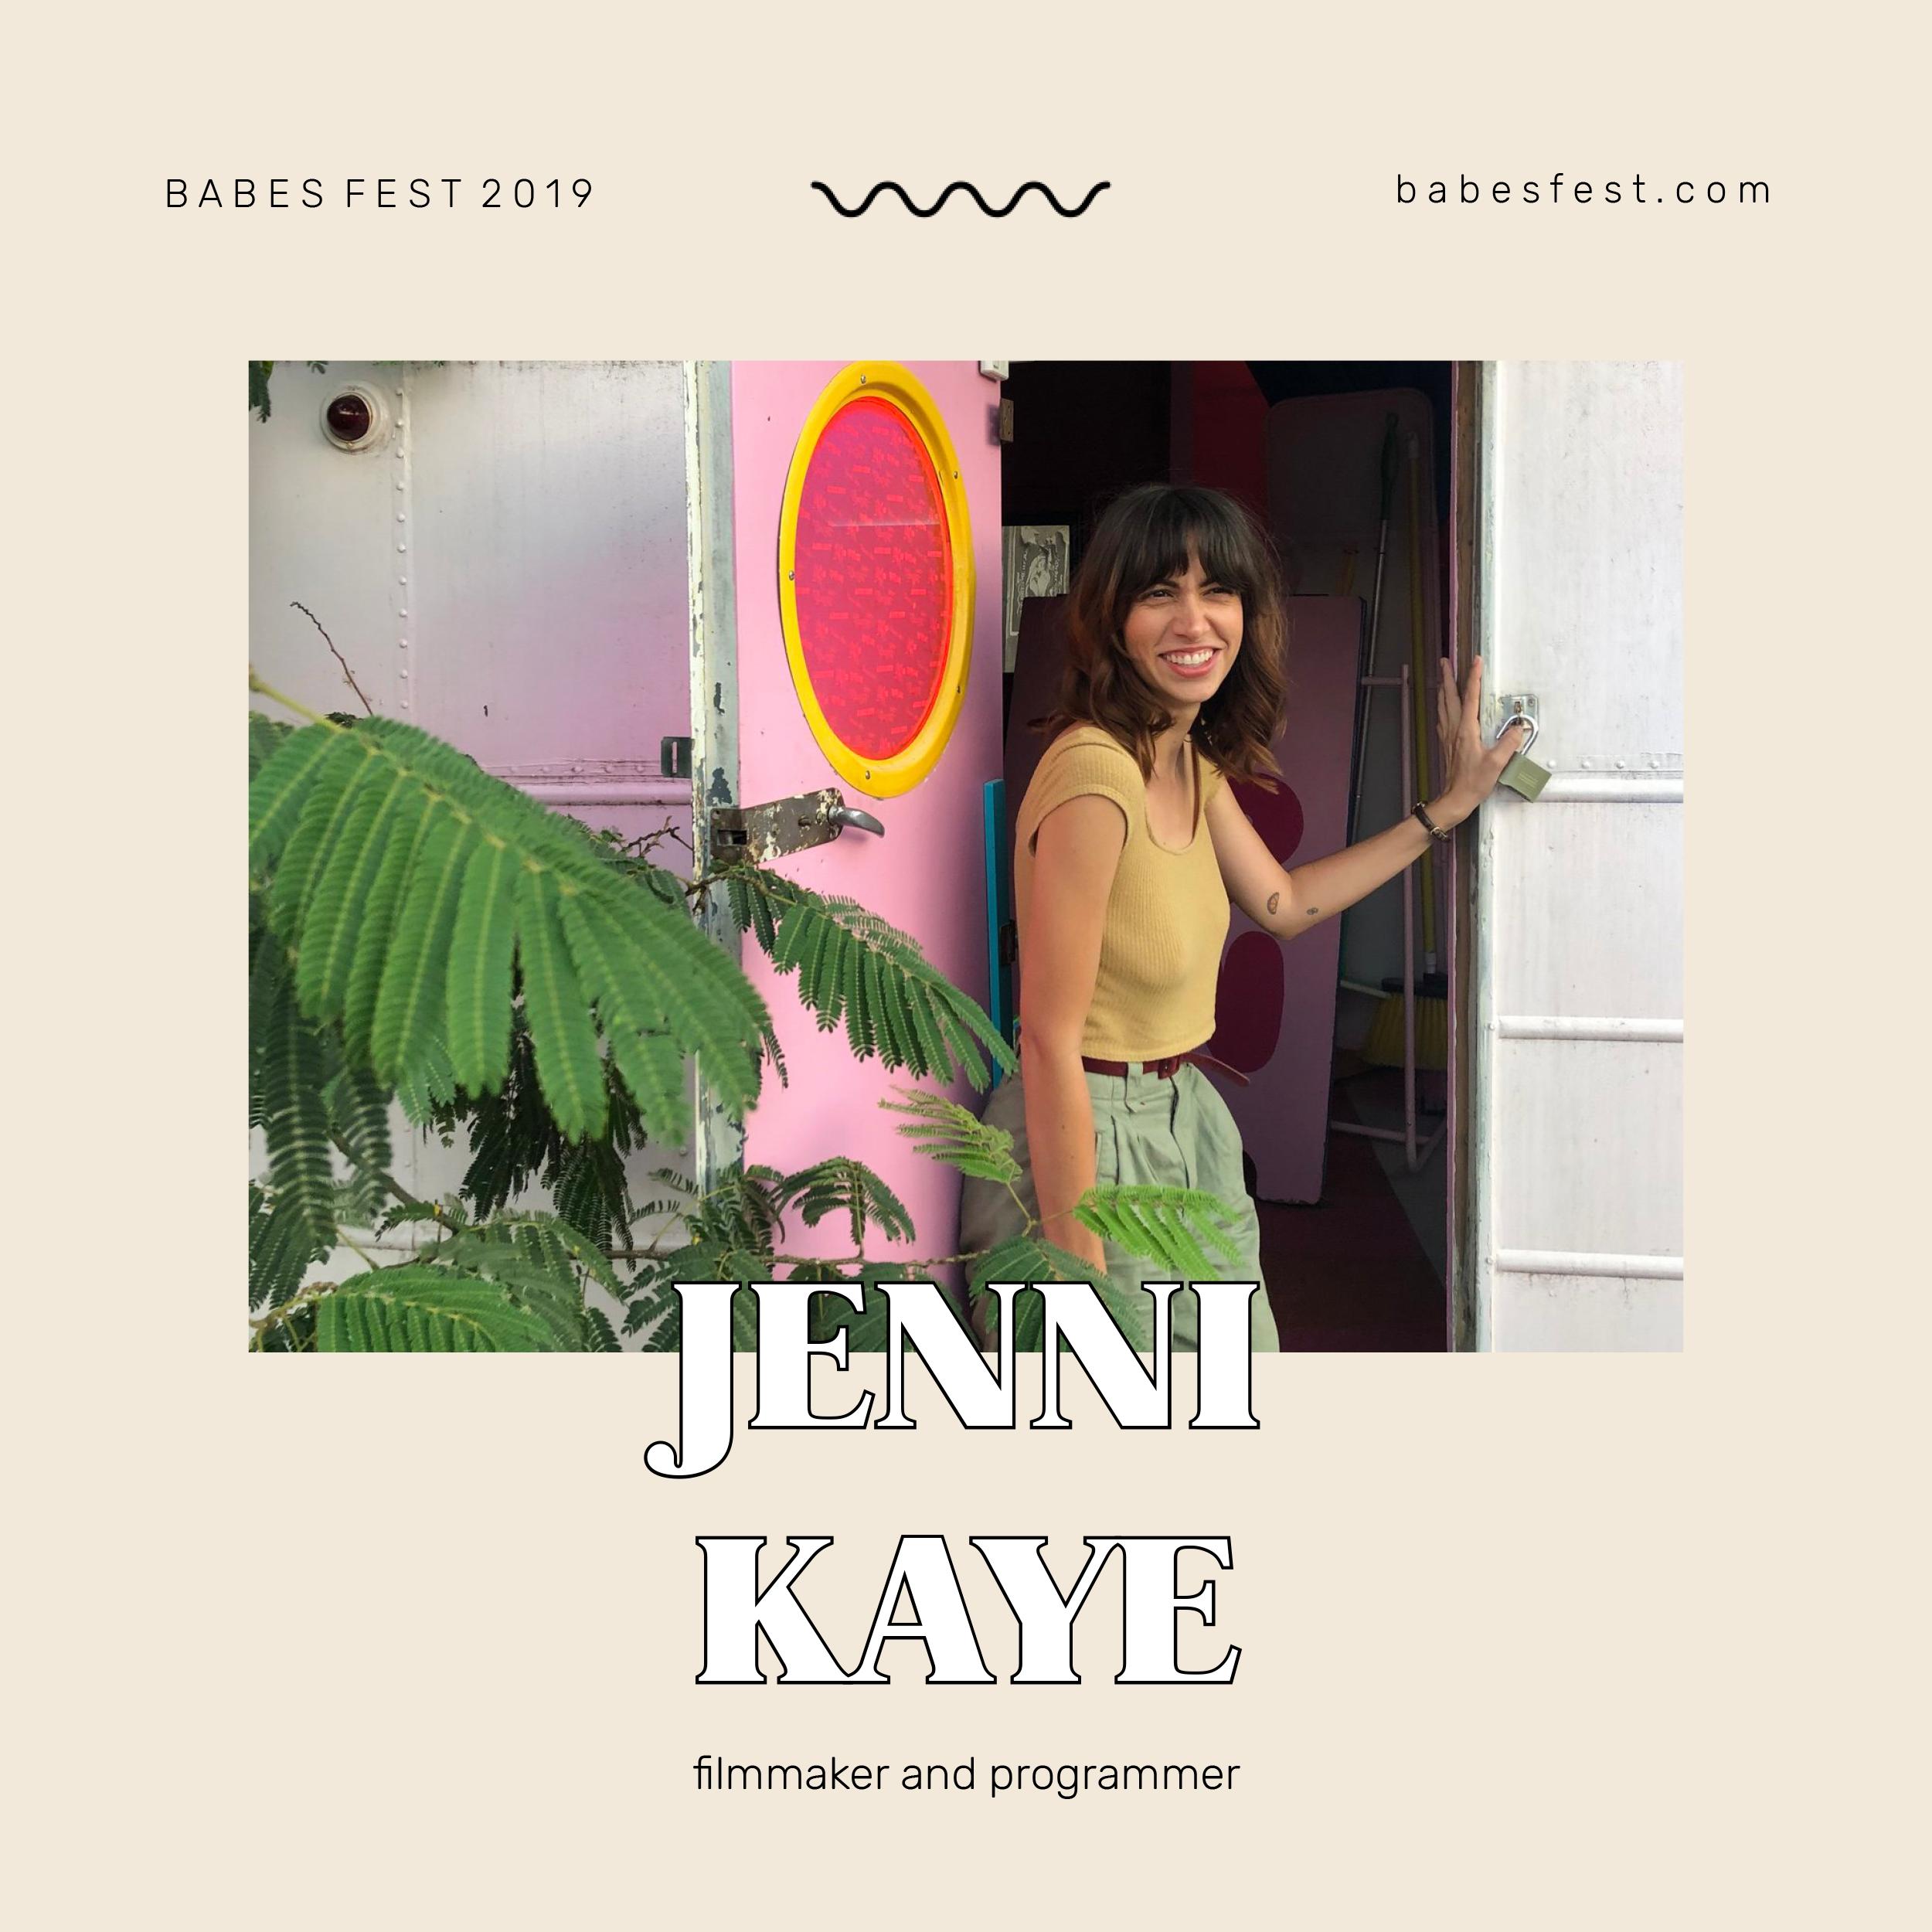 Jenni Kaye